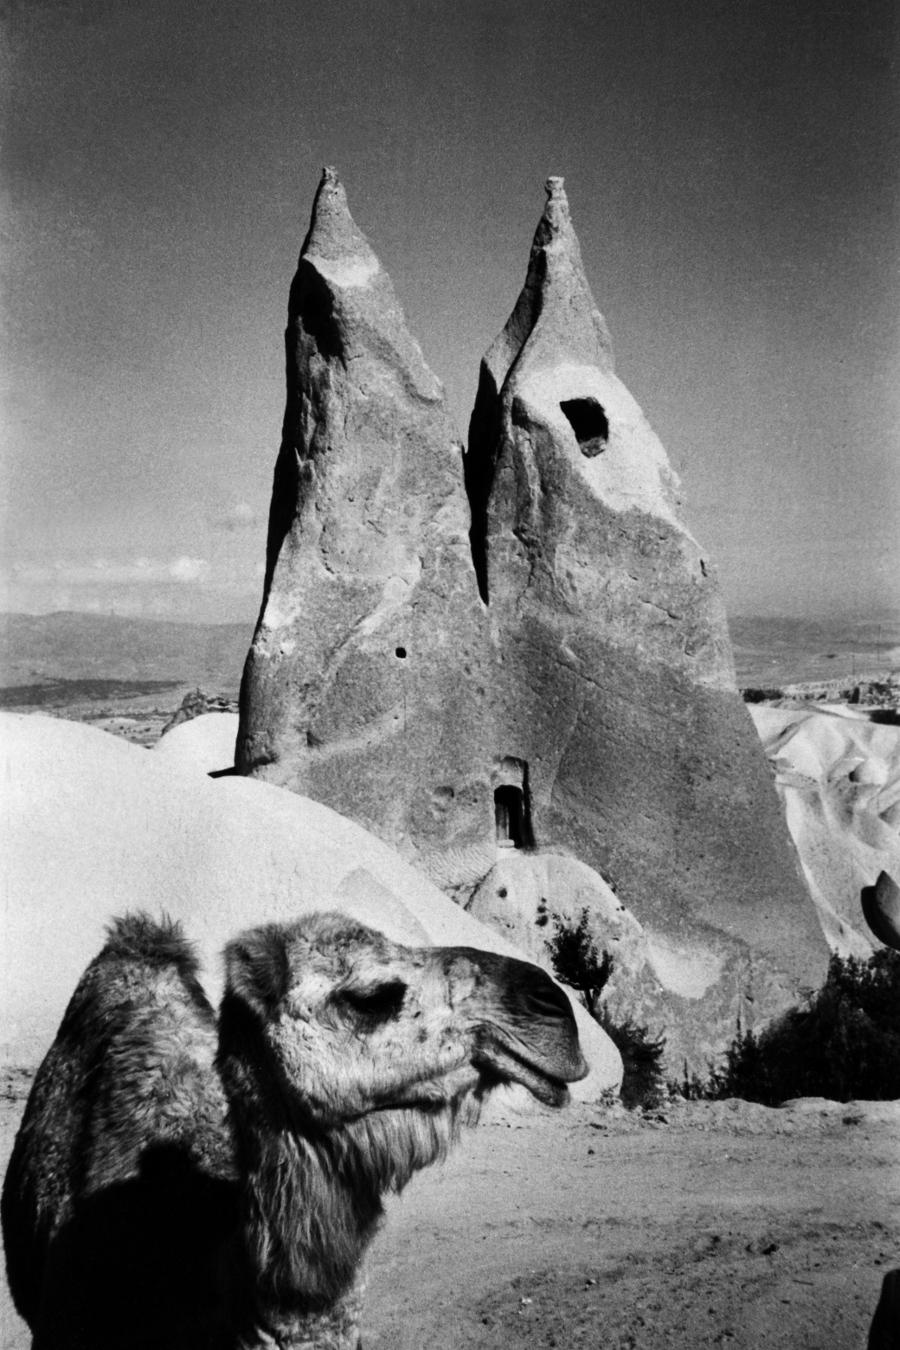 Barlanglakás Ürgüp és Uçhisar  között, Kappadókia, Törökország, 1955.jpg